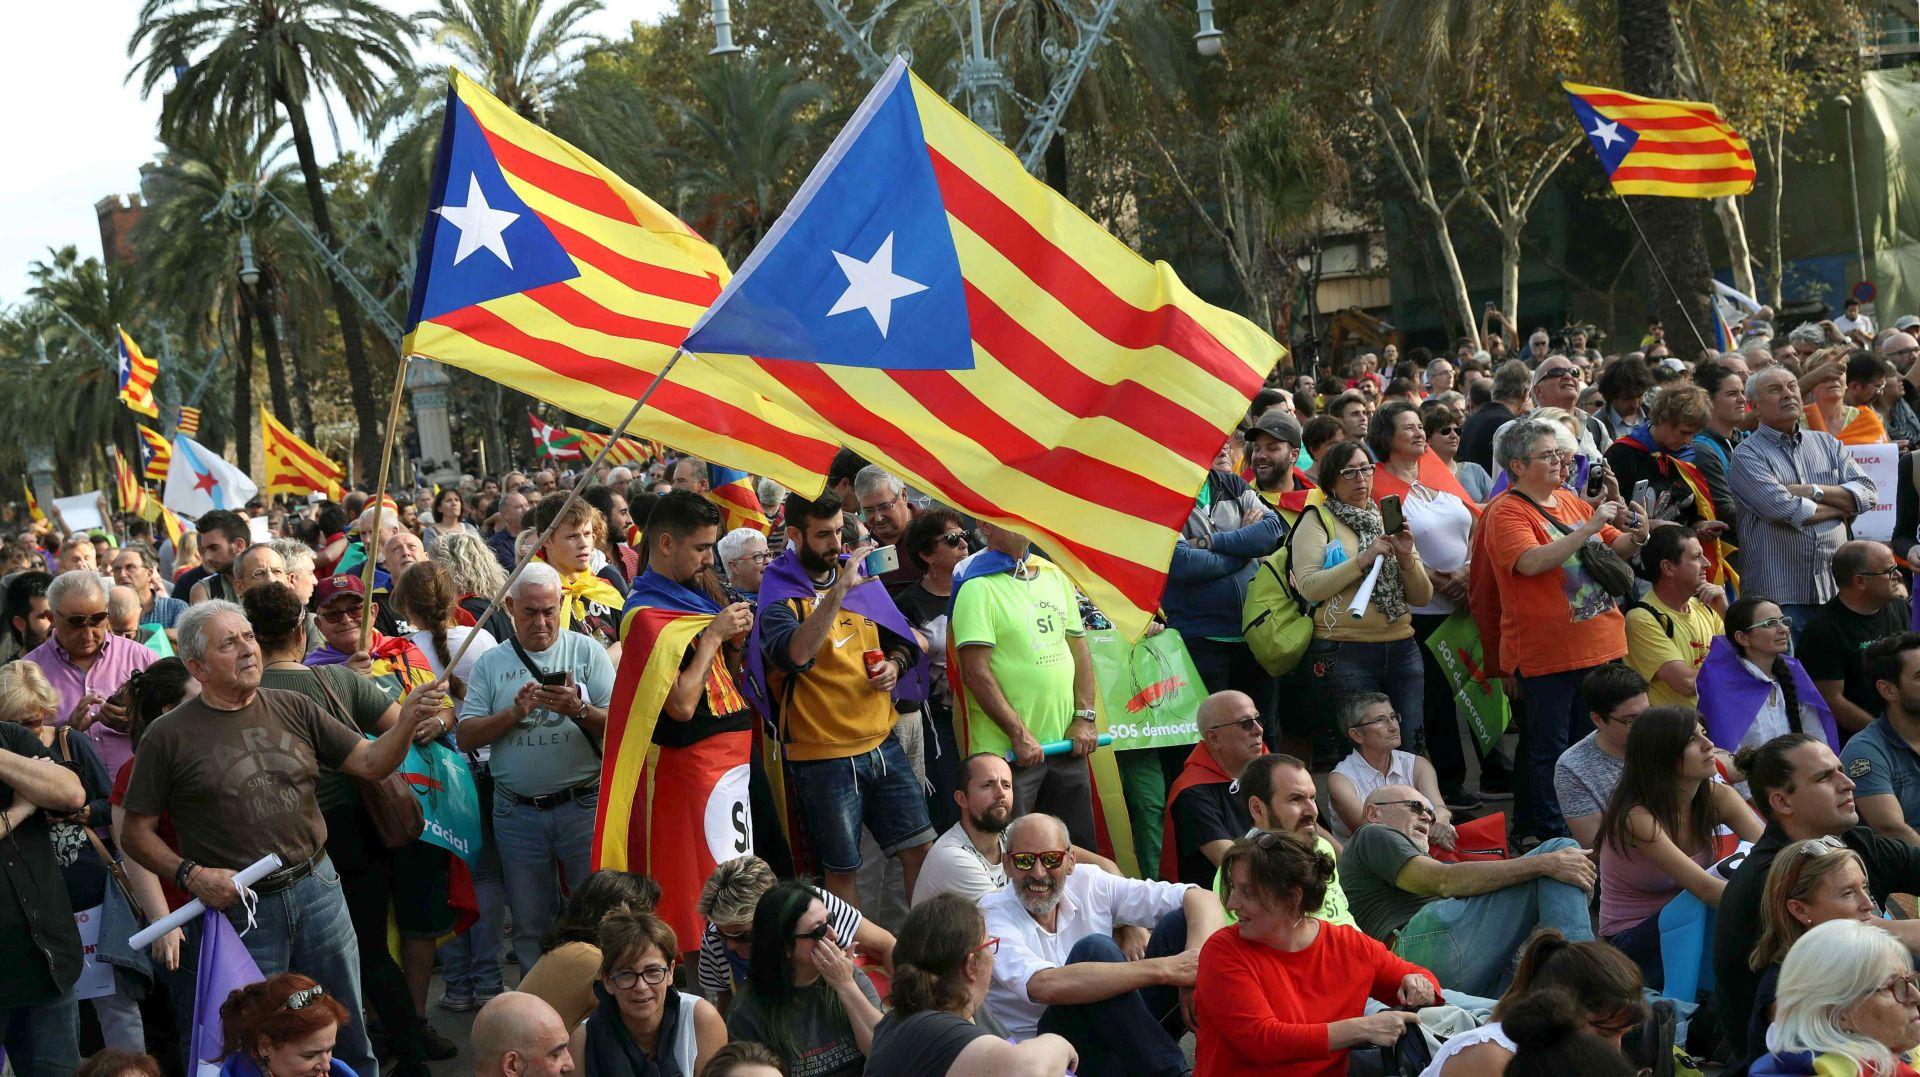 MADRIDU NJEGOV GOVOR 'NEPRIHVATLJIV' Puidgemont potpisao deklaraciju nezavisnosti